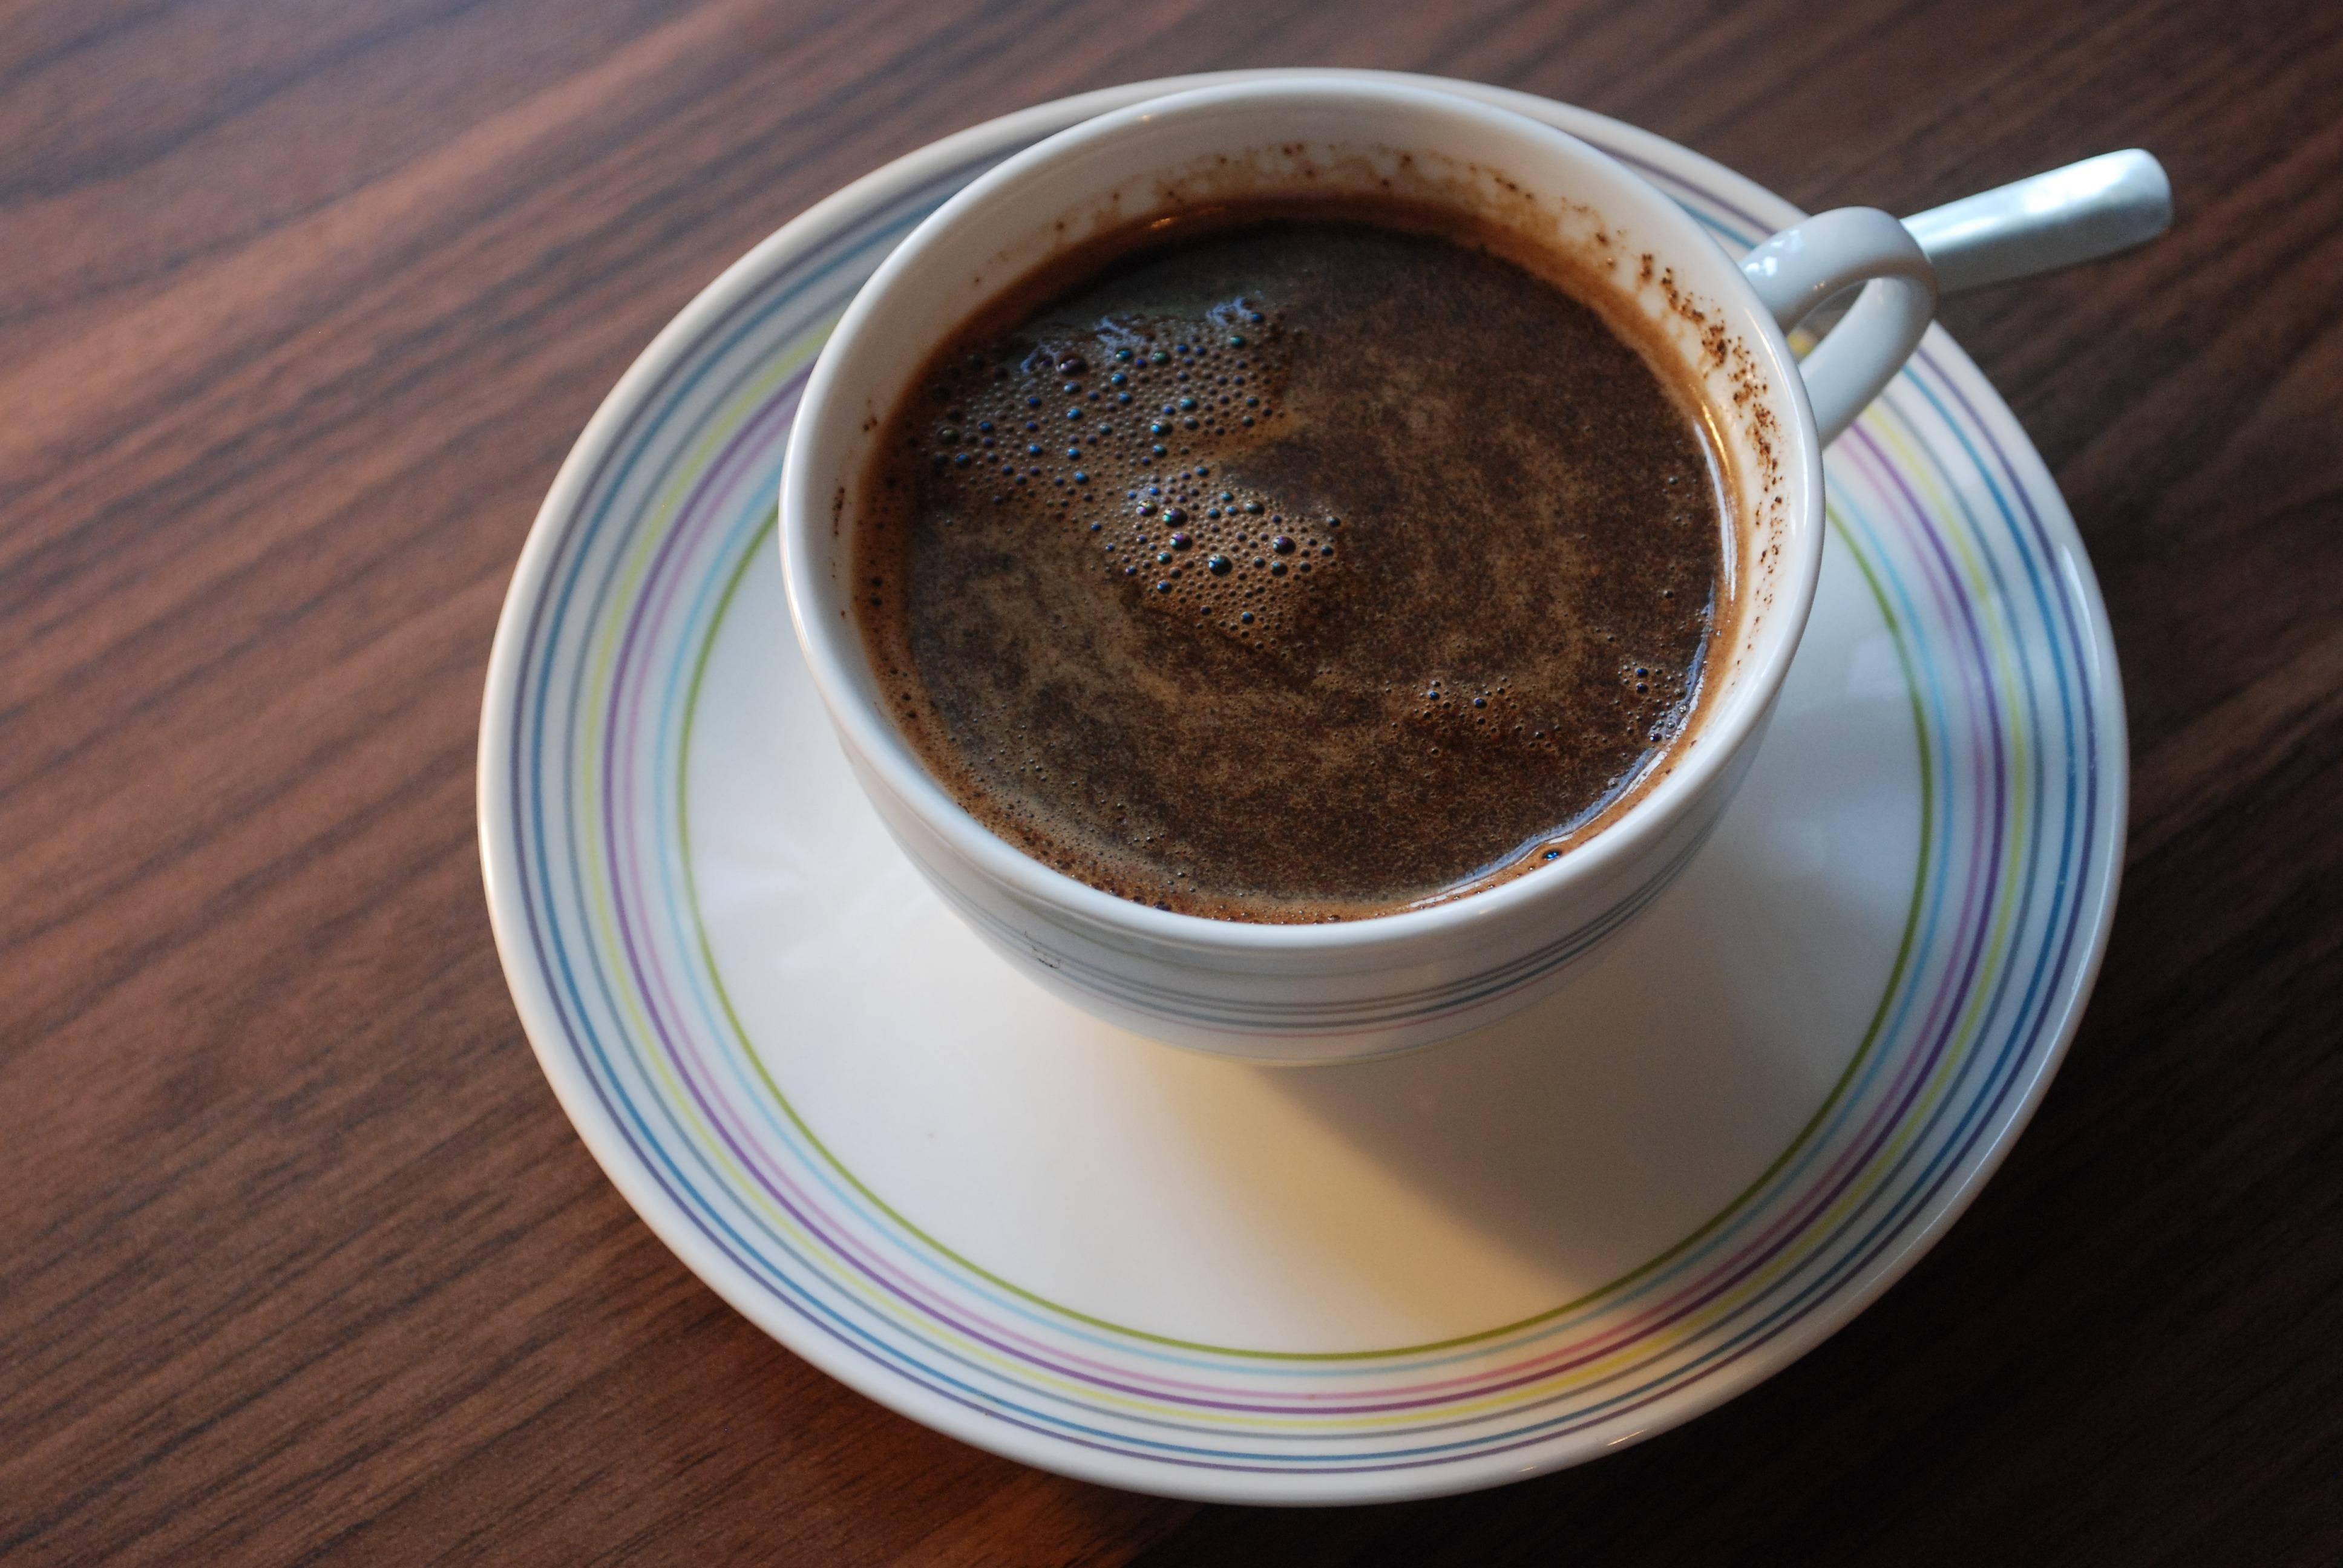 kafe kopi cangkir makanan kantor minum mangkok cangkir kopi cangkir teh kafein relaksasi istirahat rasa meja